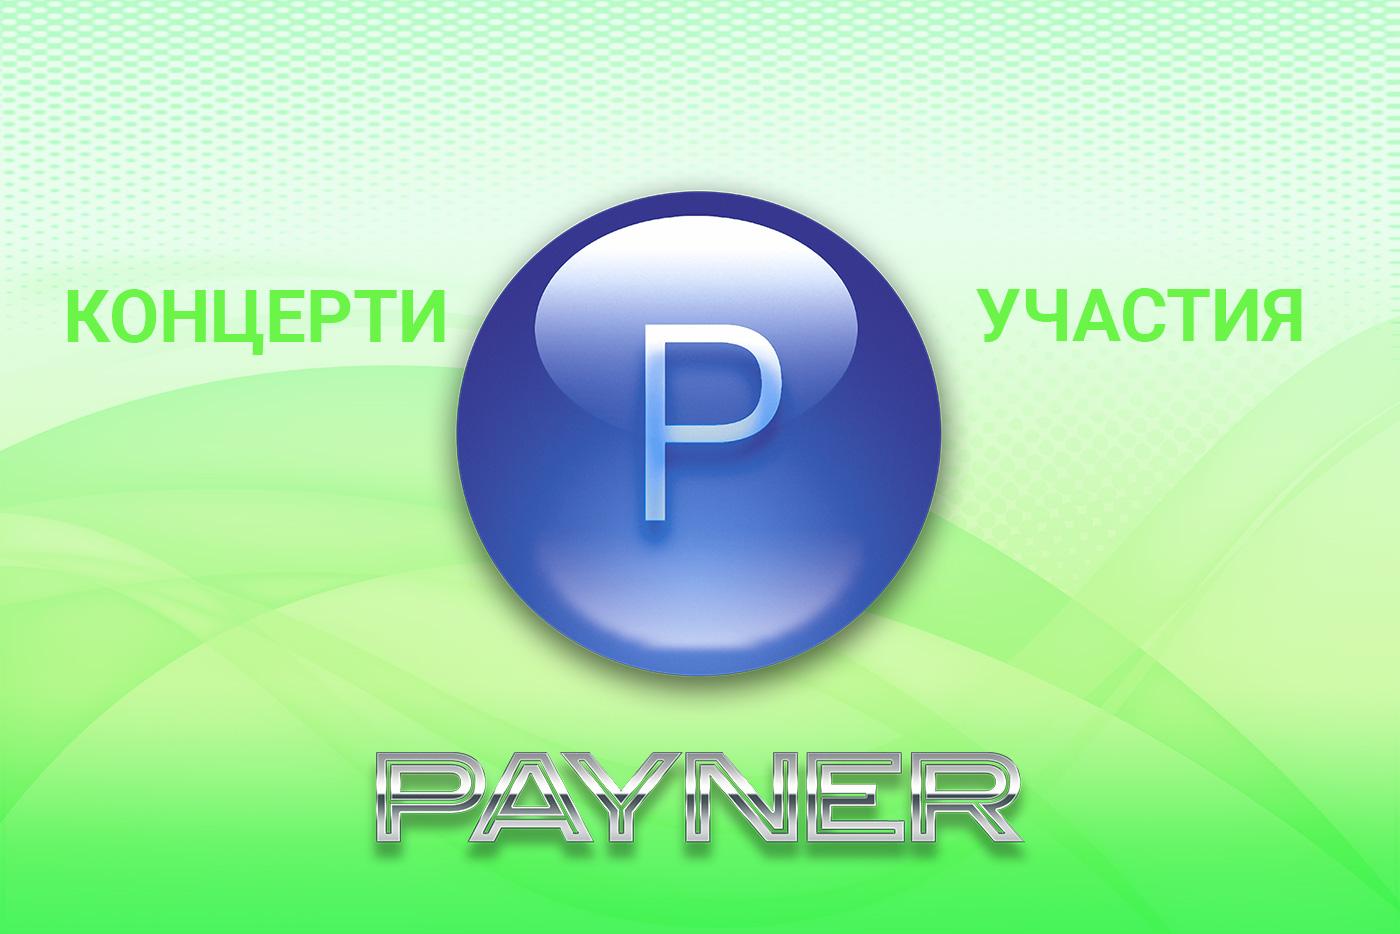 """Участия на звездите на """"Пайнер"""" на 23.01.2020"""